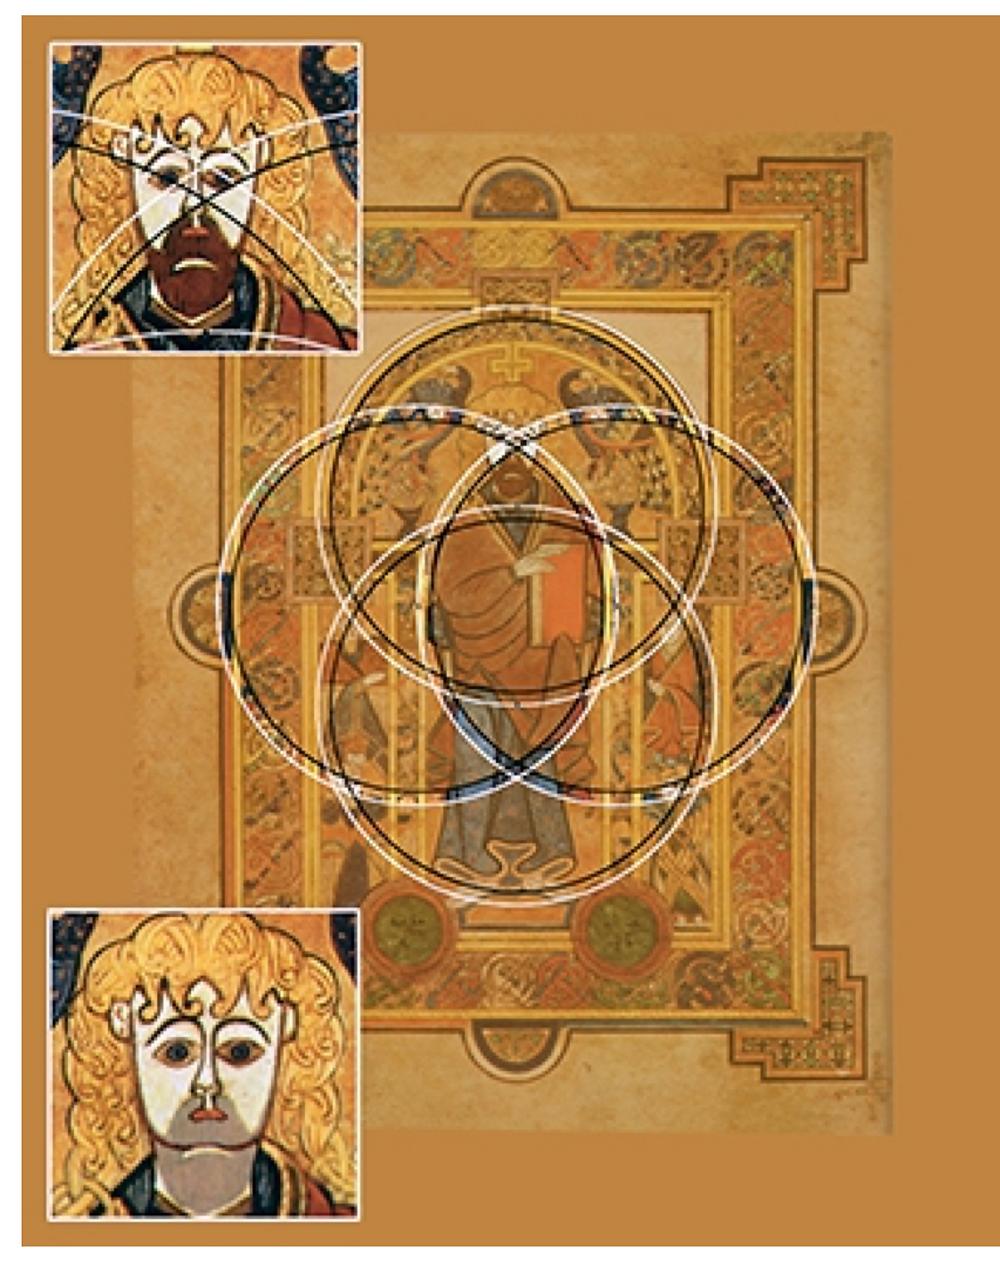 Le livre de Kells - Irlande - Fin du 8è siècle